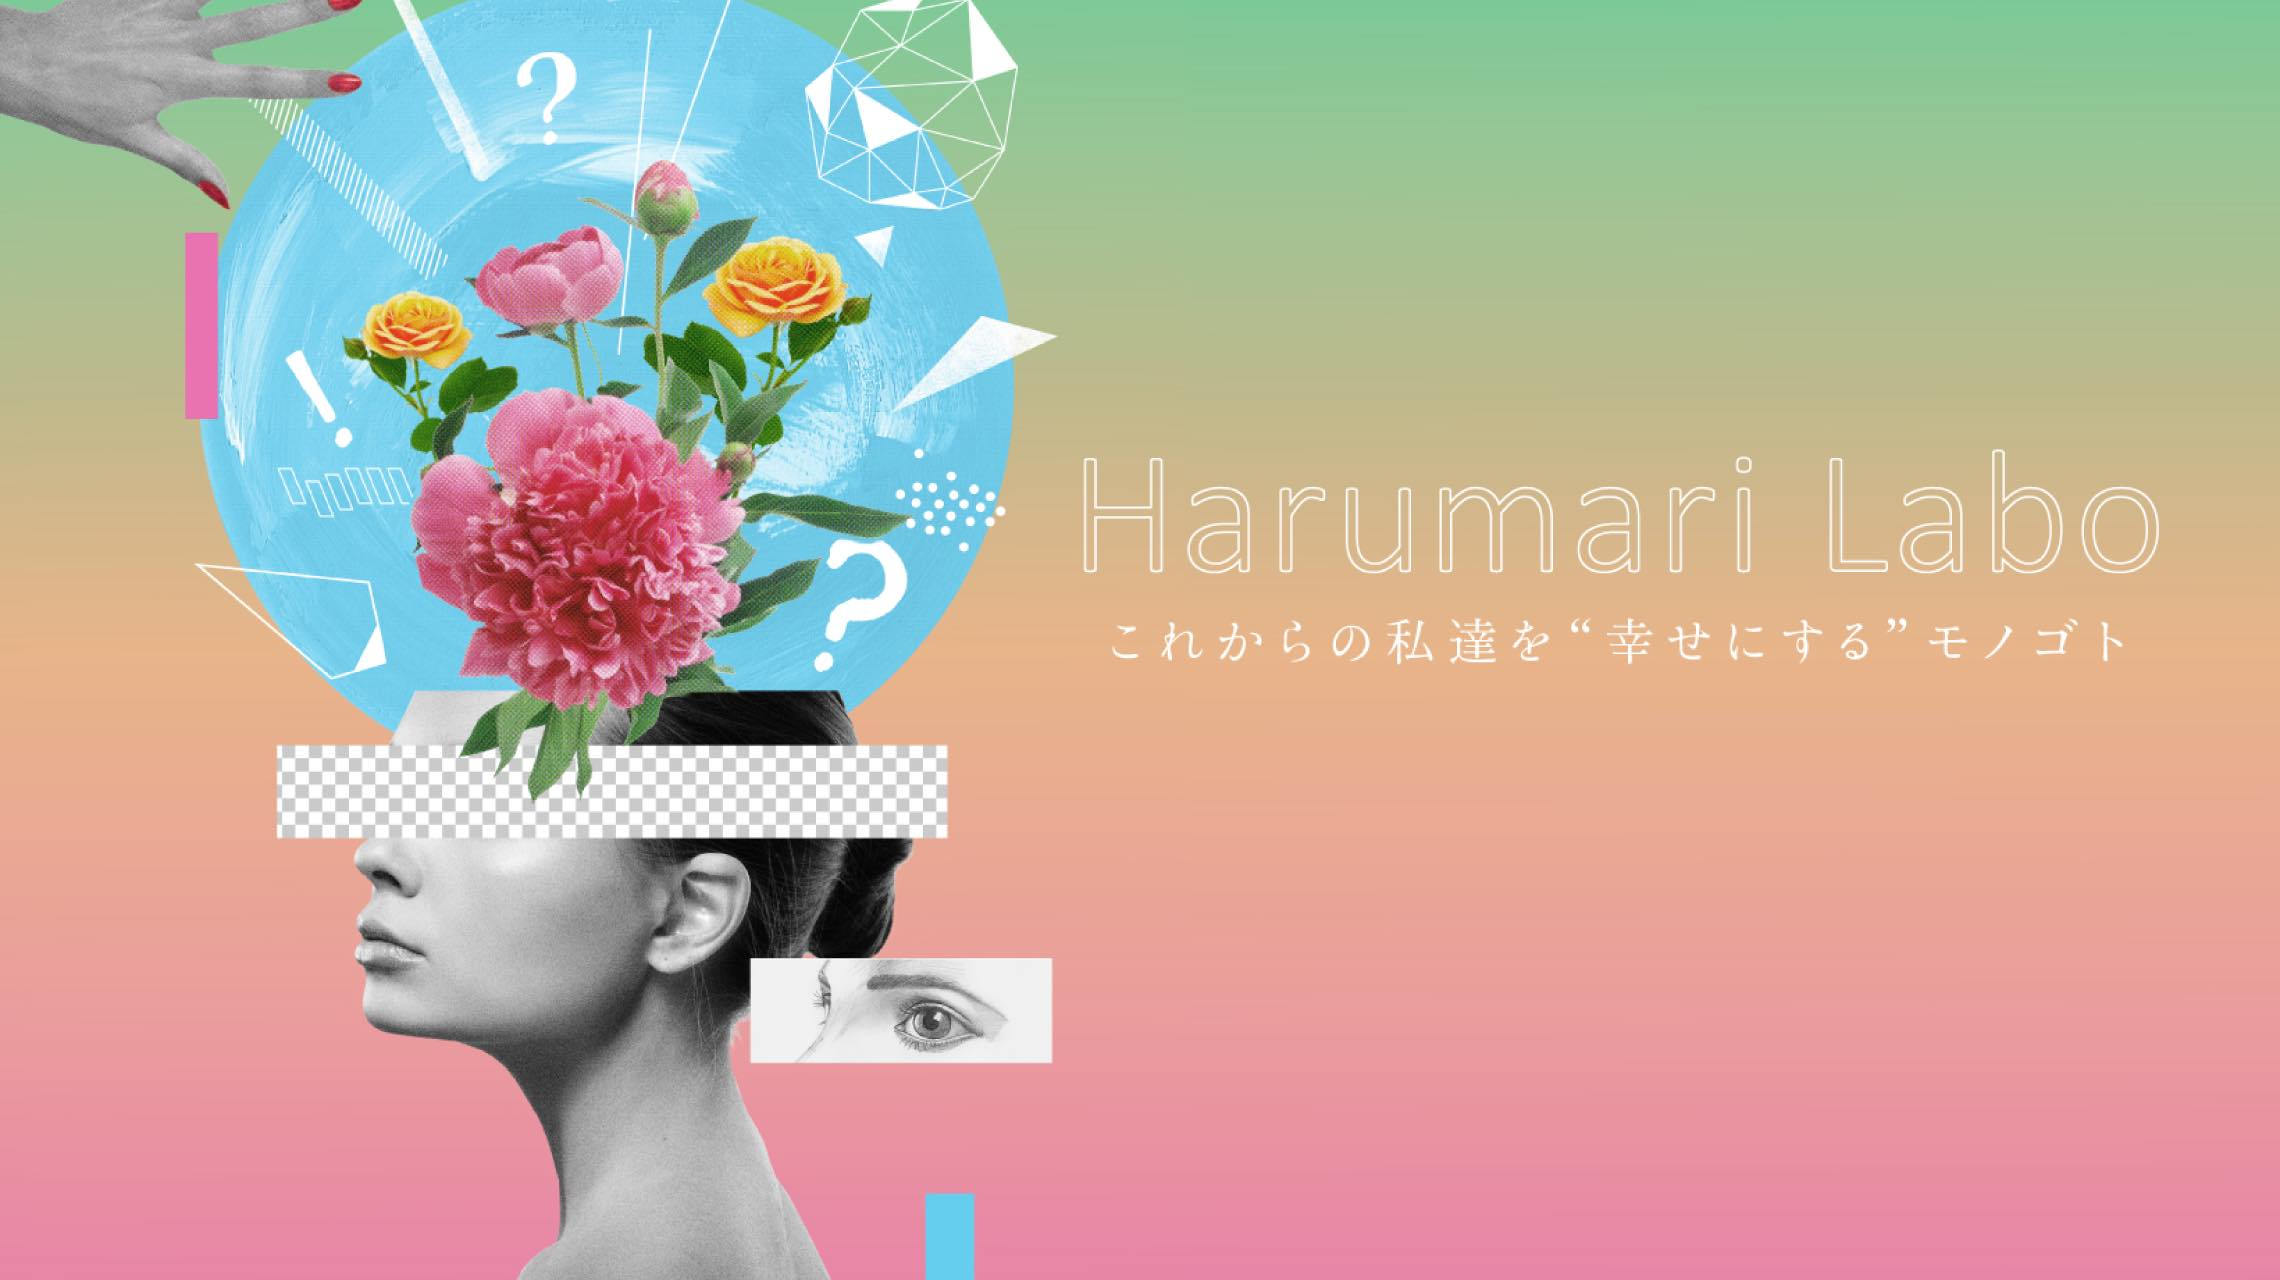 話題のモノゴトを無料で楽しめる特別なインスタライブ「Harumari LABO」